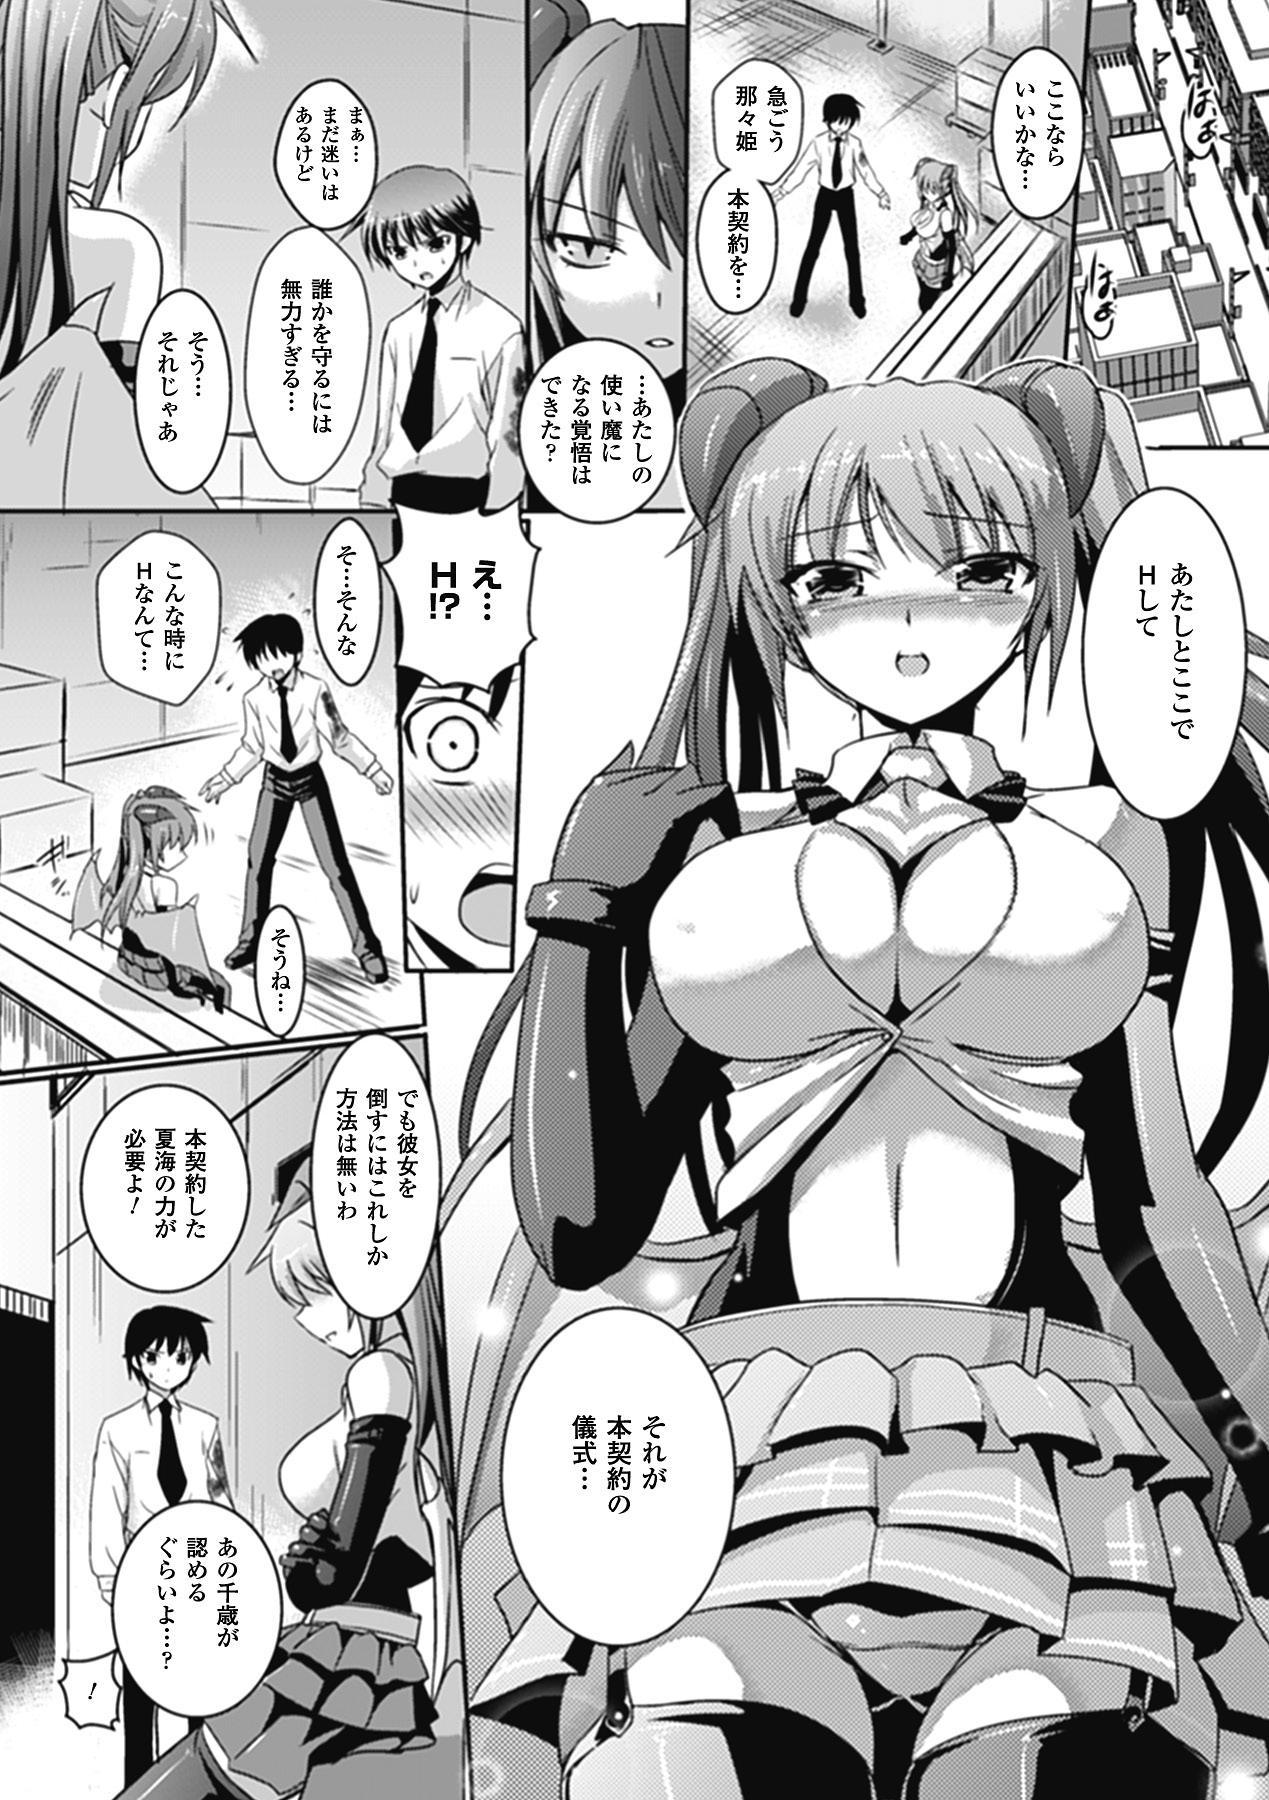 [Tokimaru Yoshihisa]Shakkou no Anti-Genesis Ch. 1-7 49